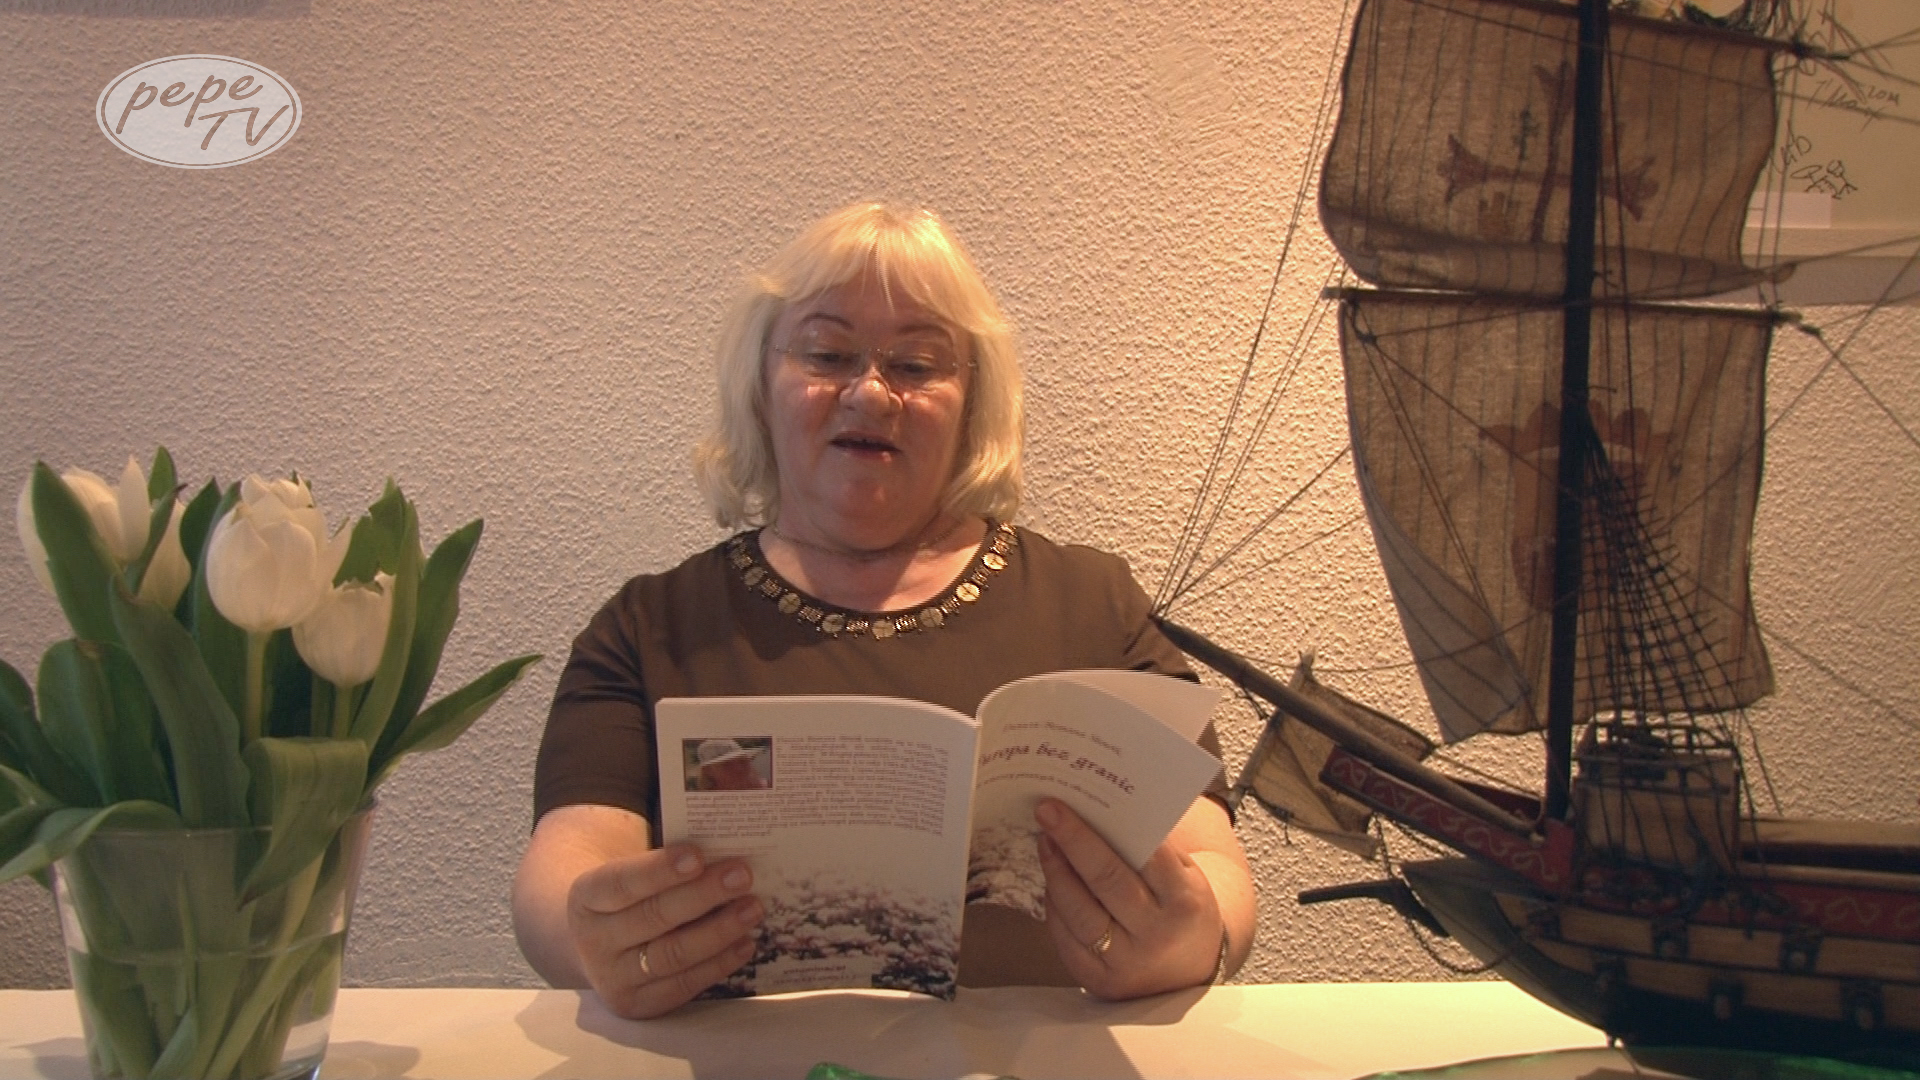 Poezja w PepeTV Danuta Romana Słowik